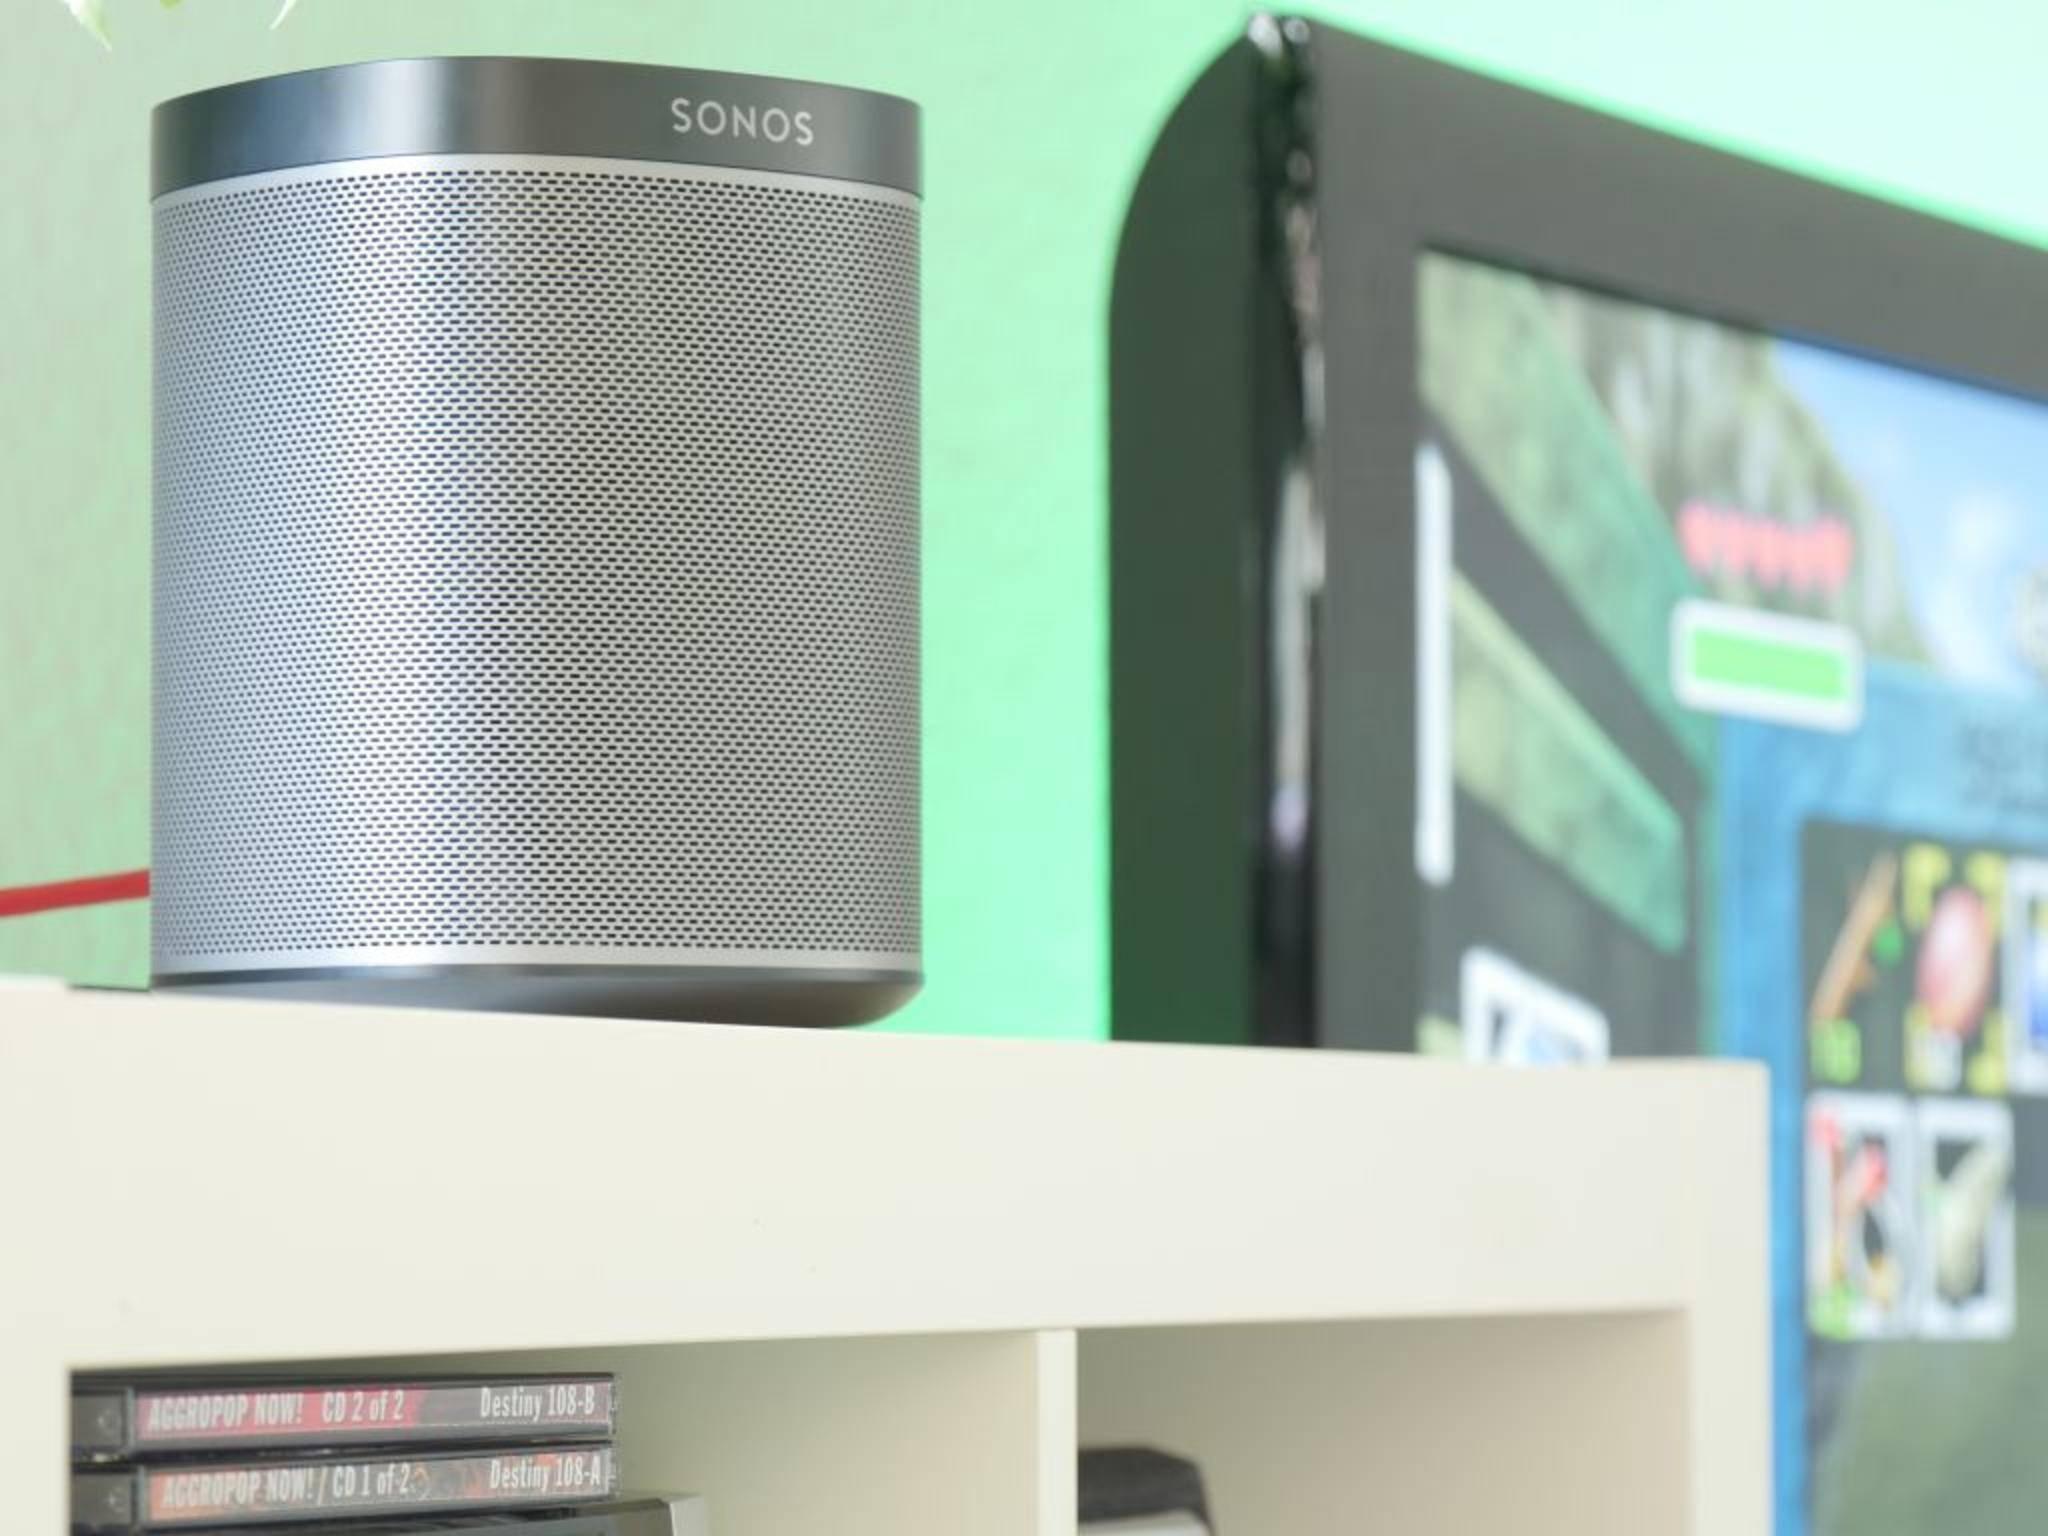 Aufgrund der Bauweise lässt sich der Lautsprecher bequem in der Wohnung aufstellen.